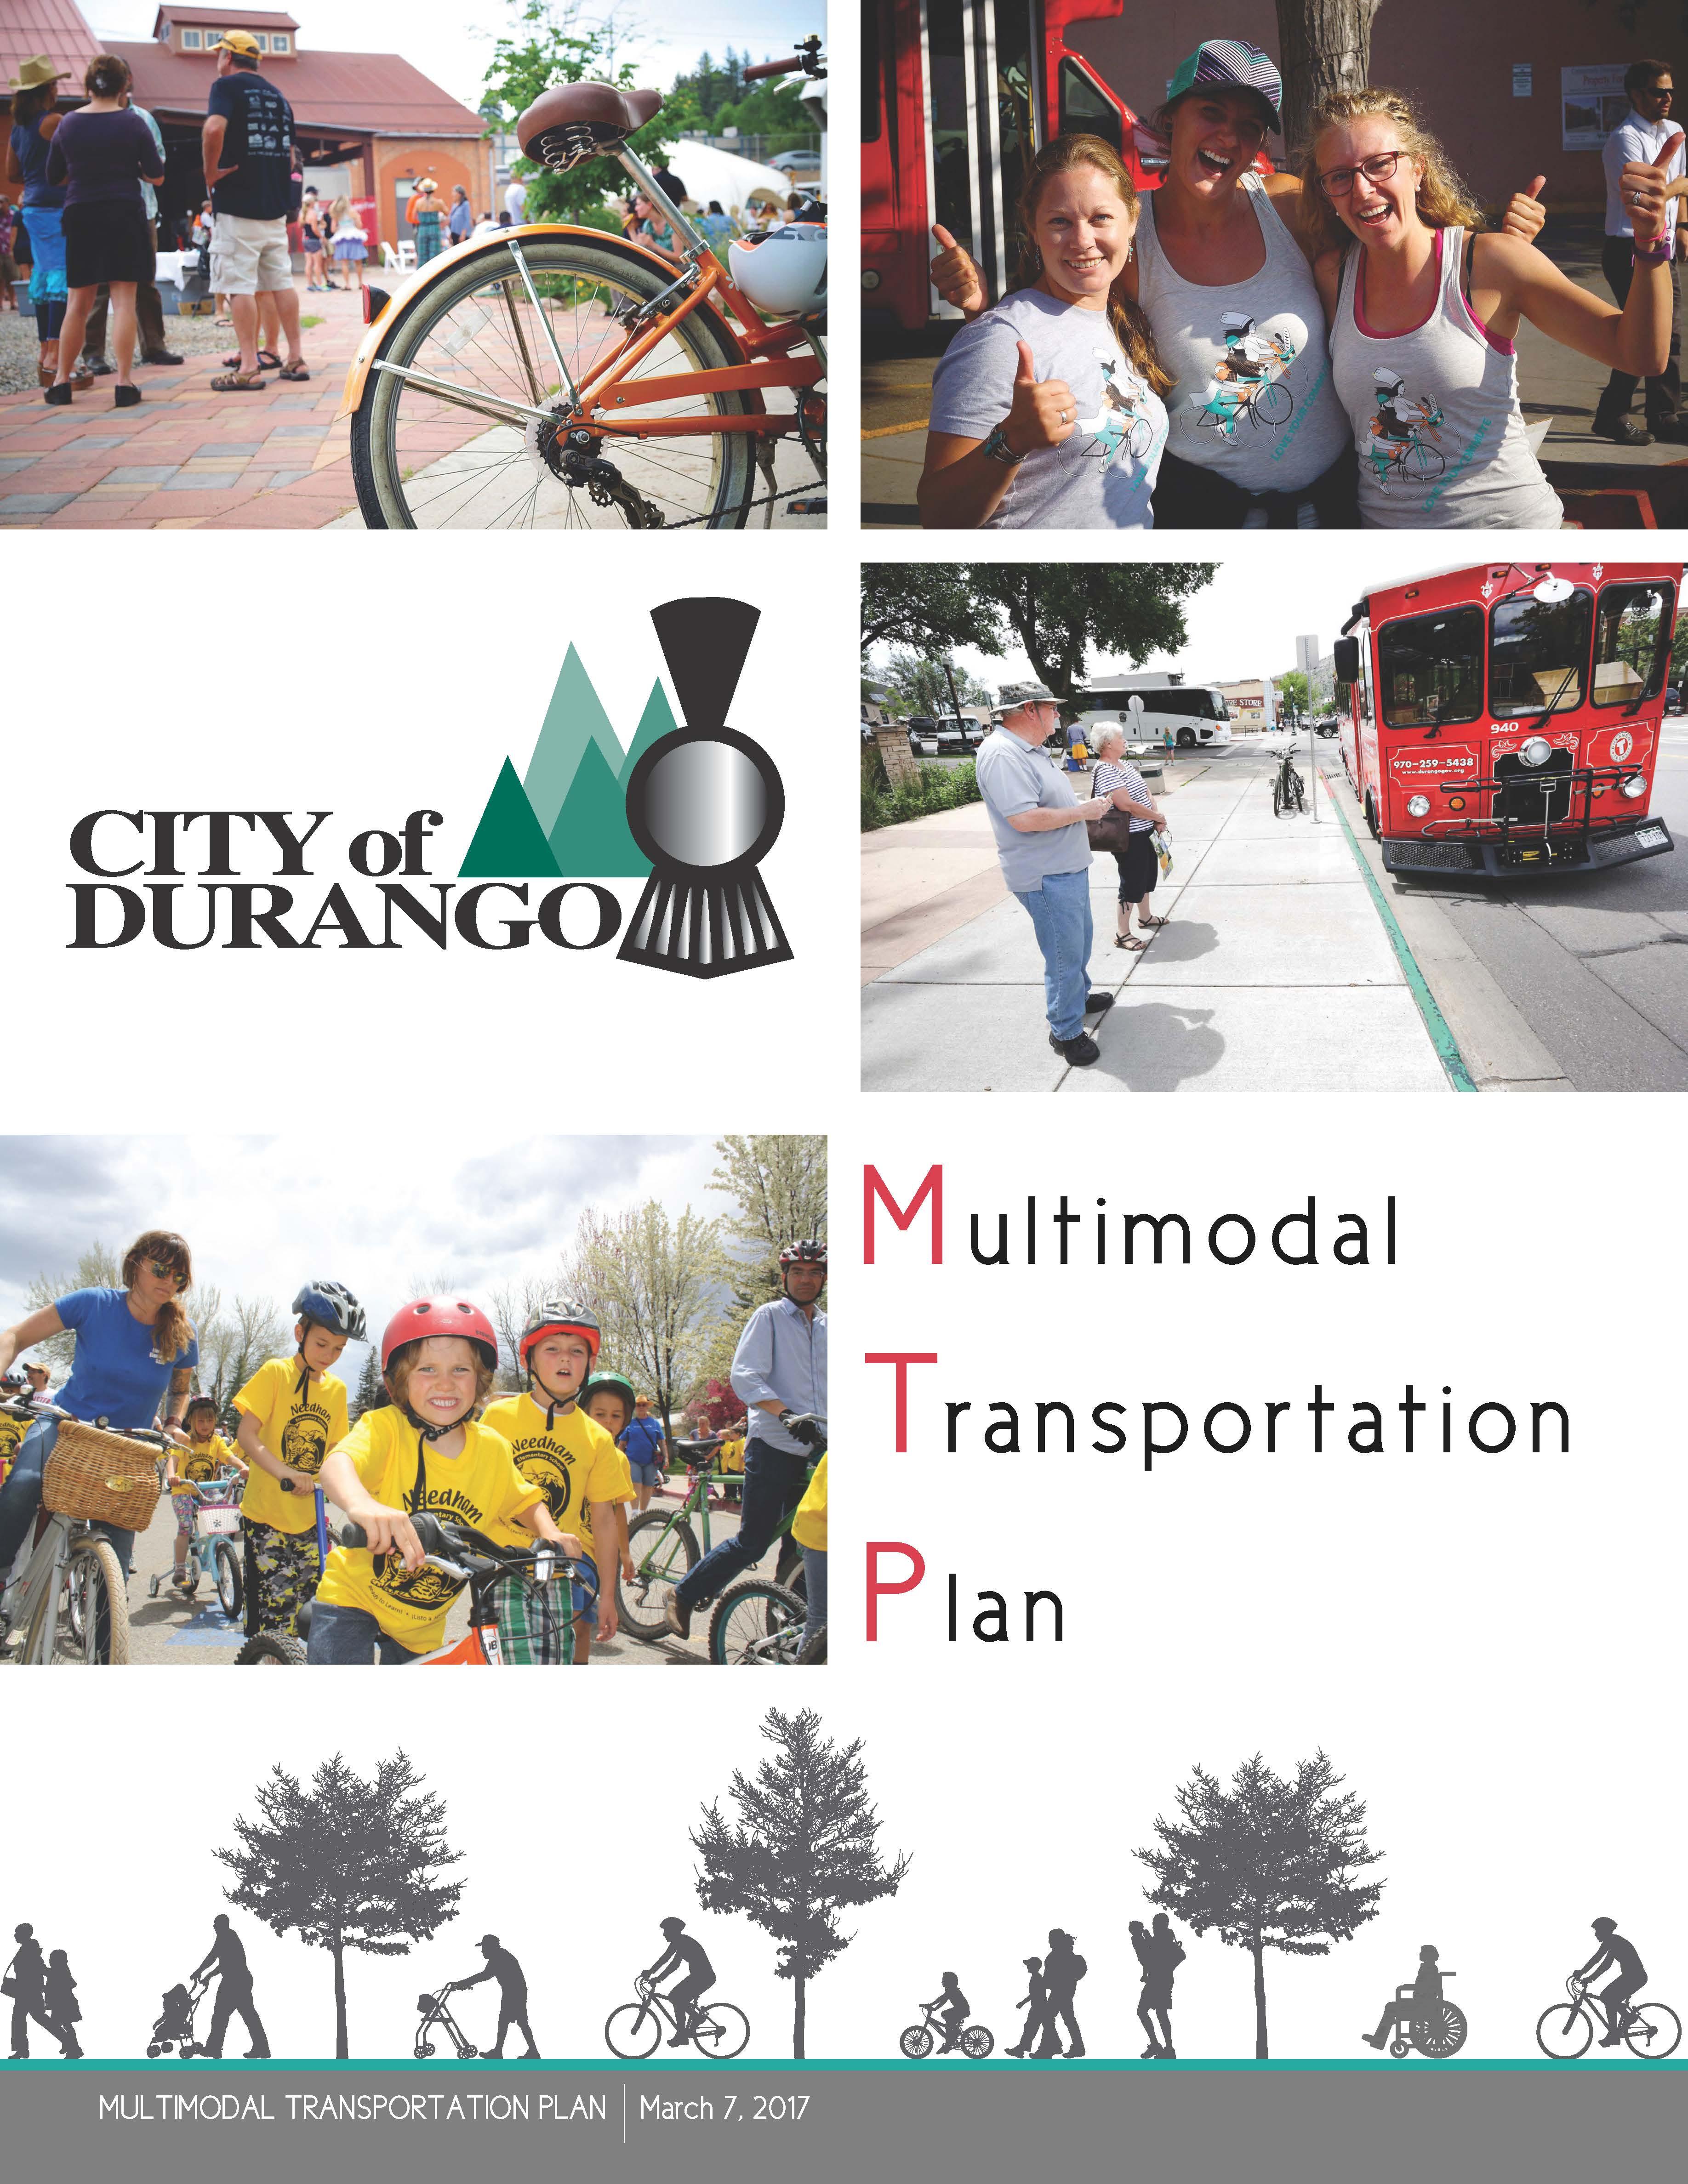 Multimodal Transportation Plan